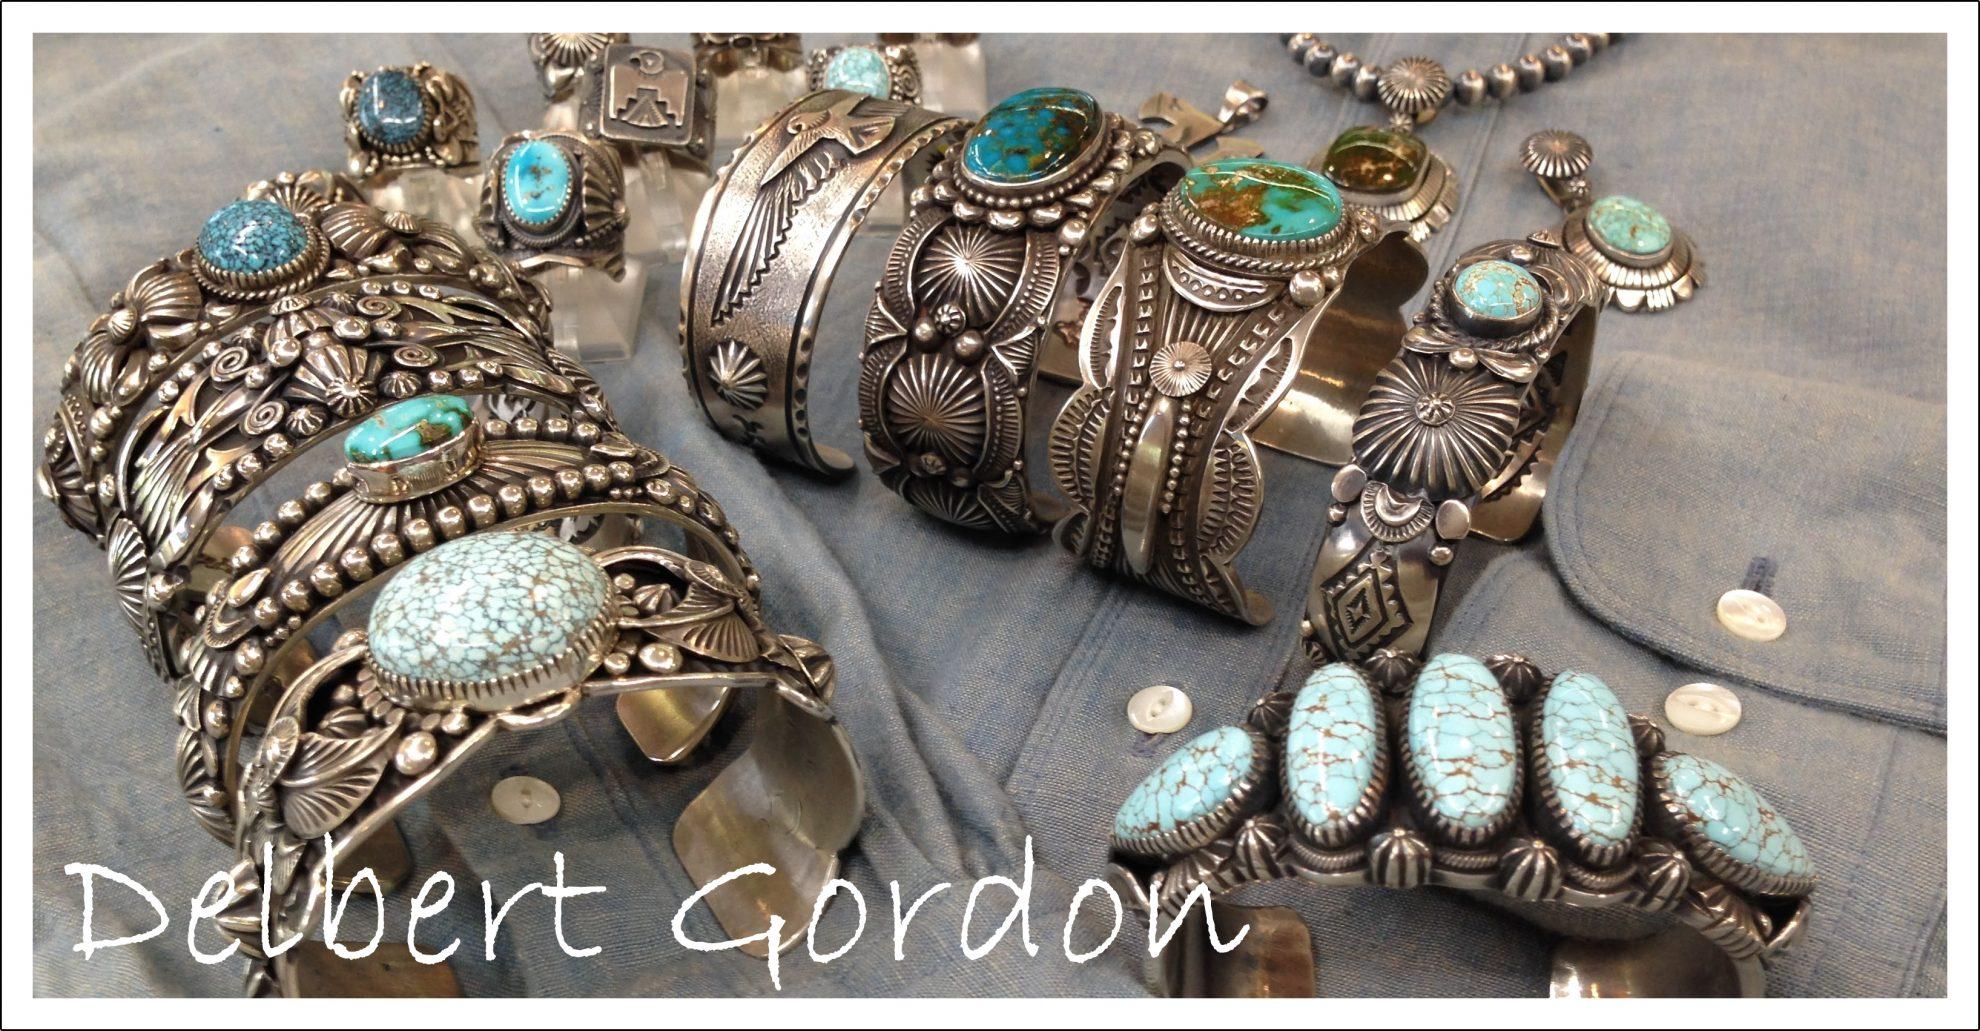 Delbert Gordon